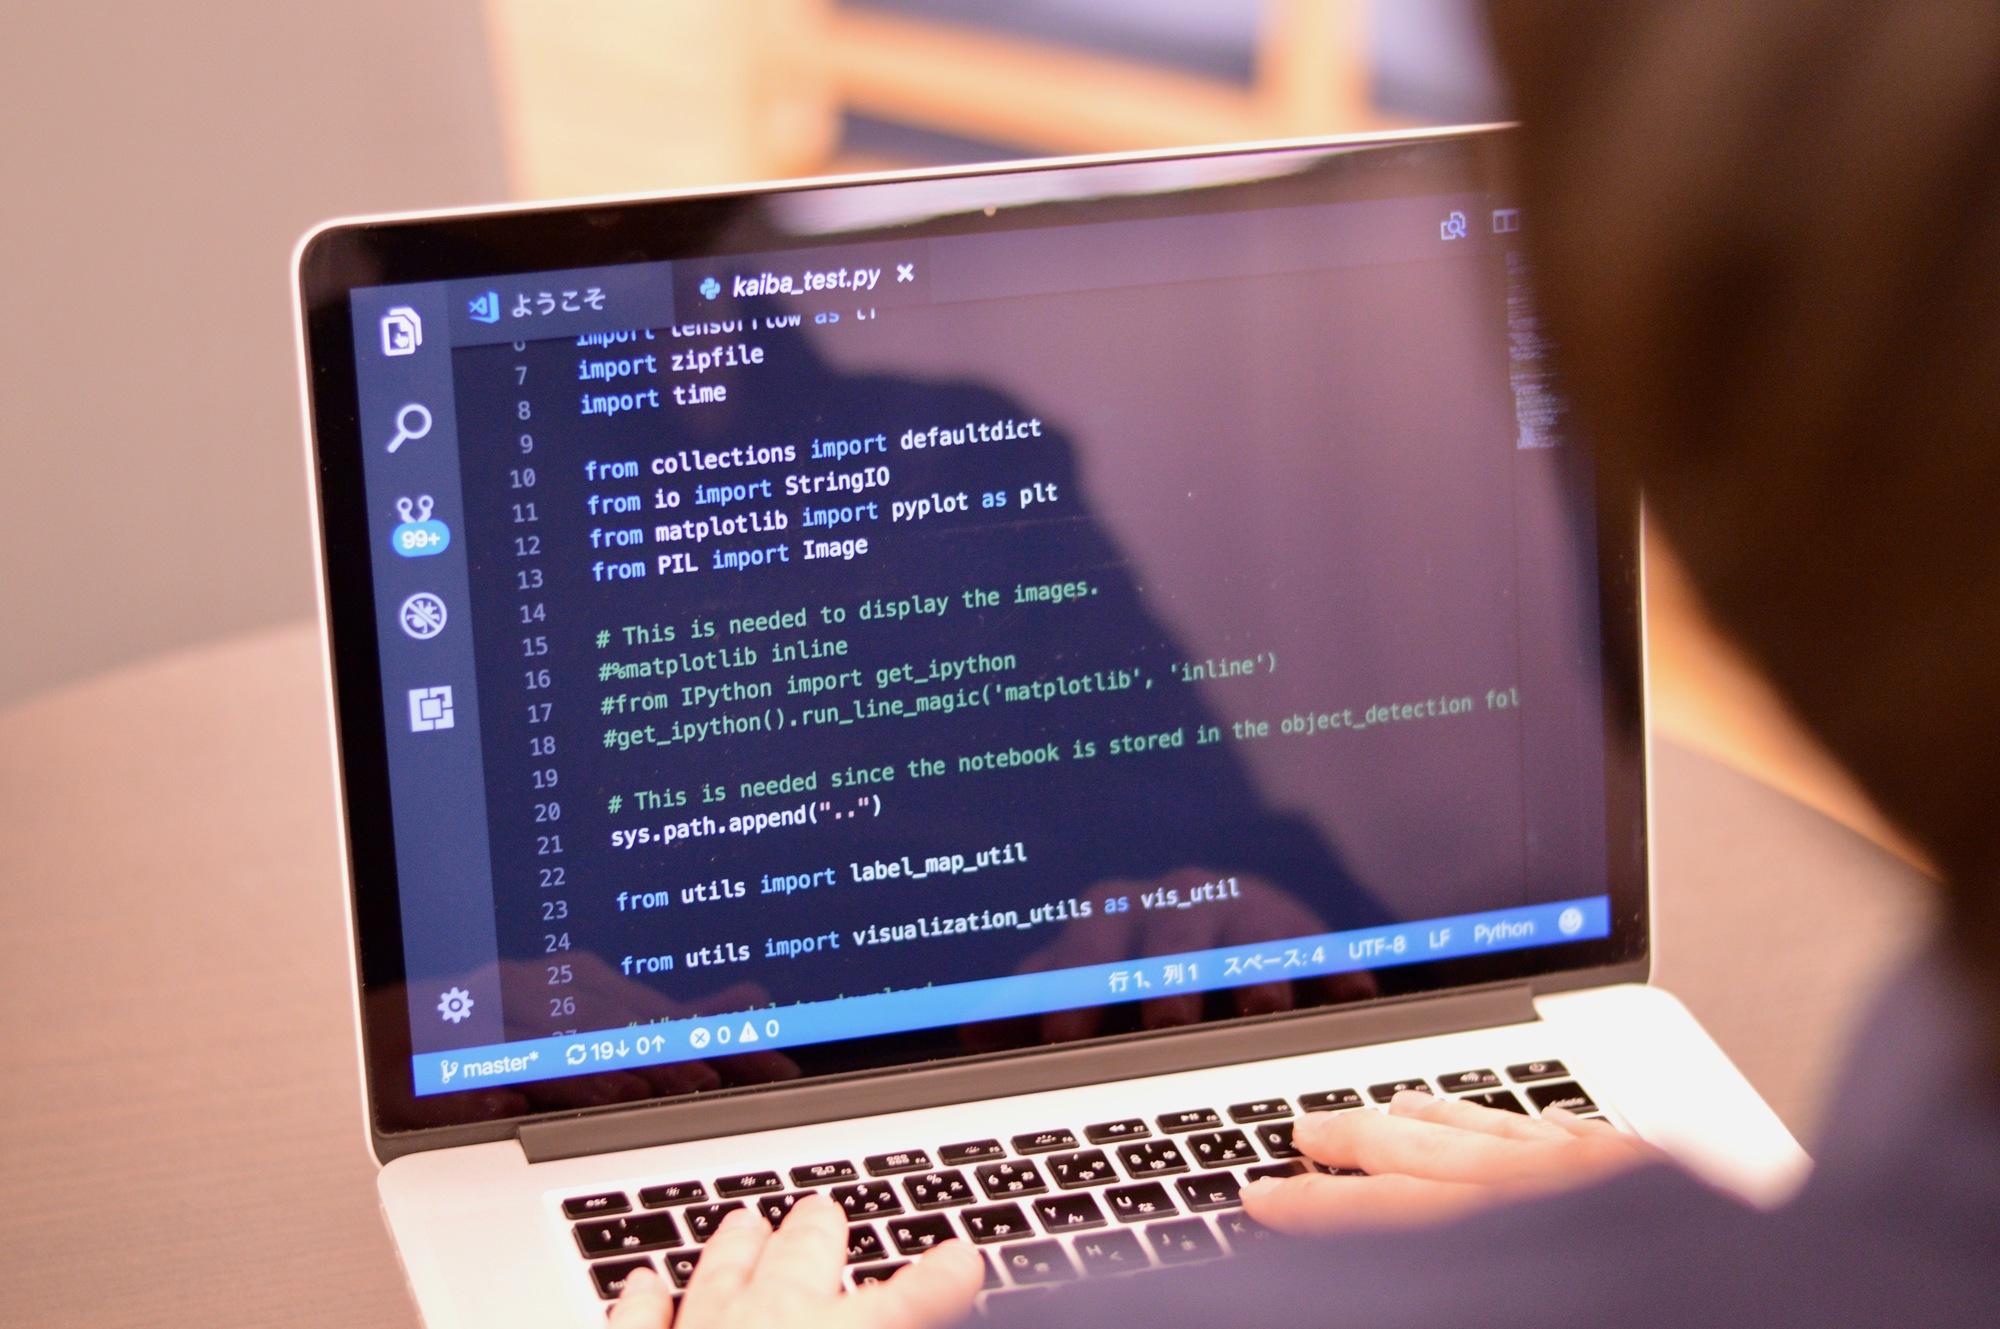 サーバサイドプログラミング言語とは?フロントエンド言語との違いイメージ画像